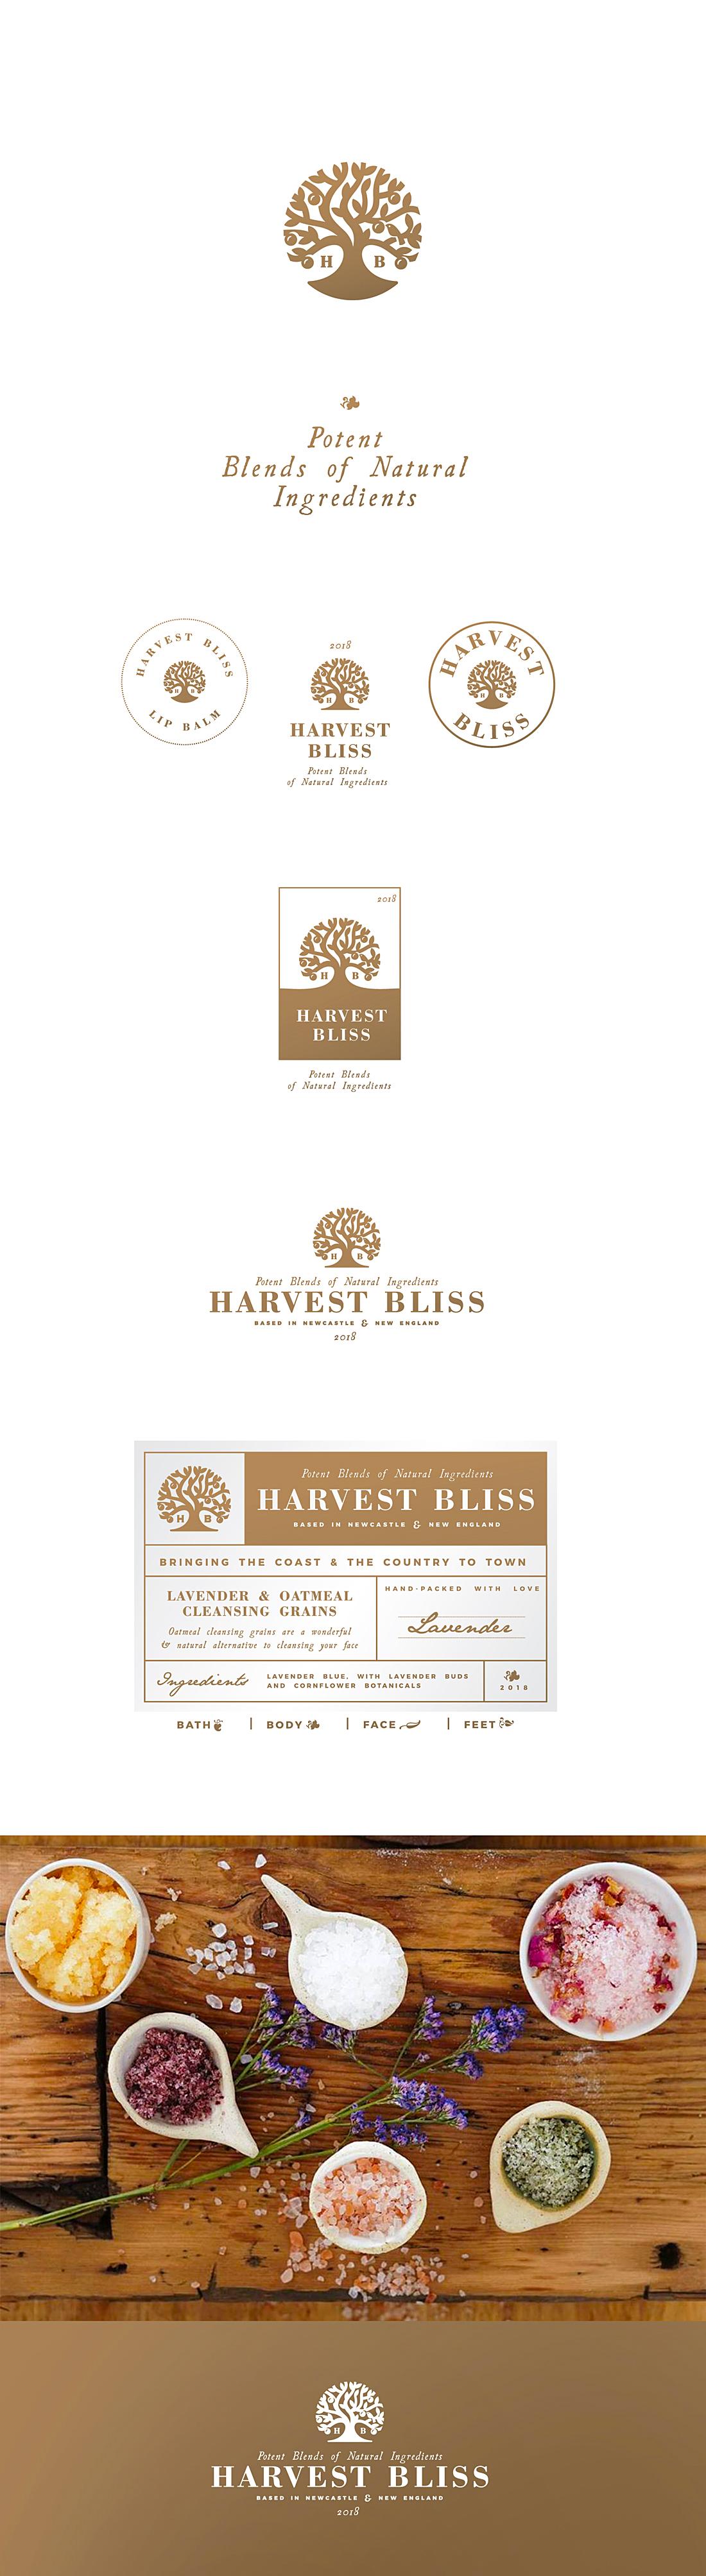 Harvestblissbranding